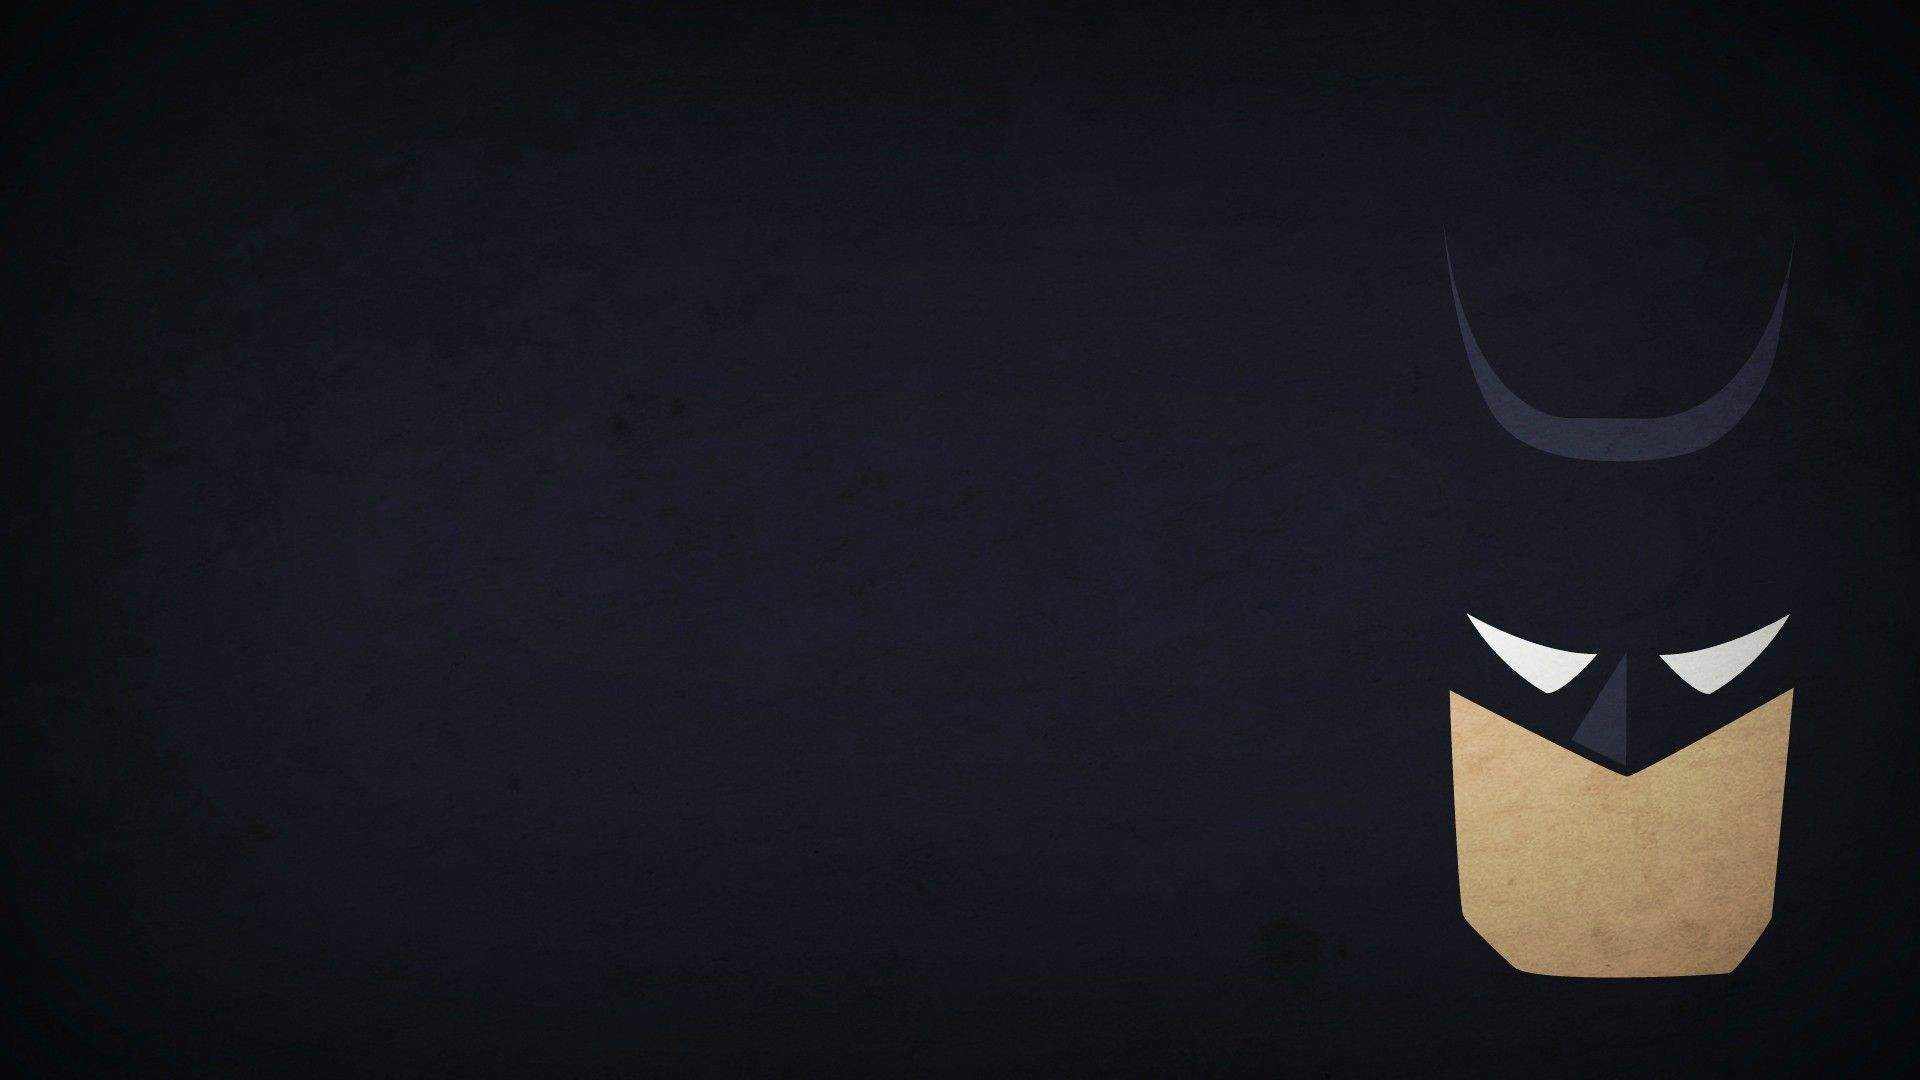 Batman Superhero Wallpaper Batman Wallpaper Batman Pictures